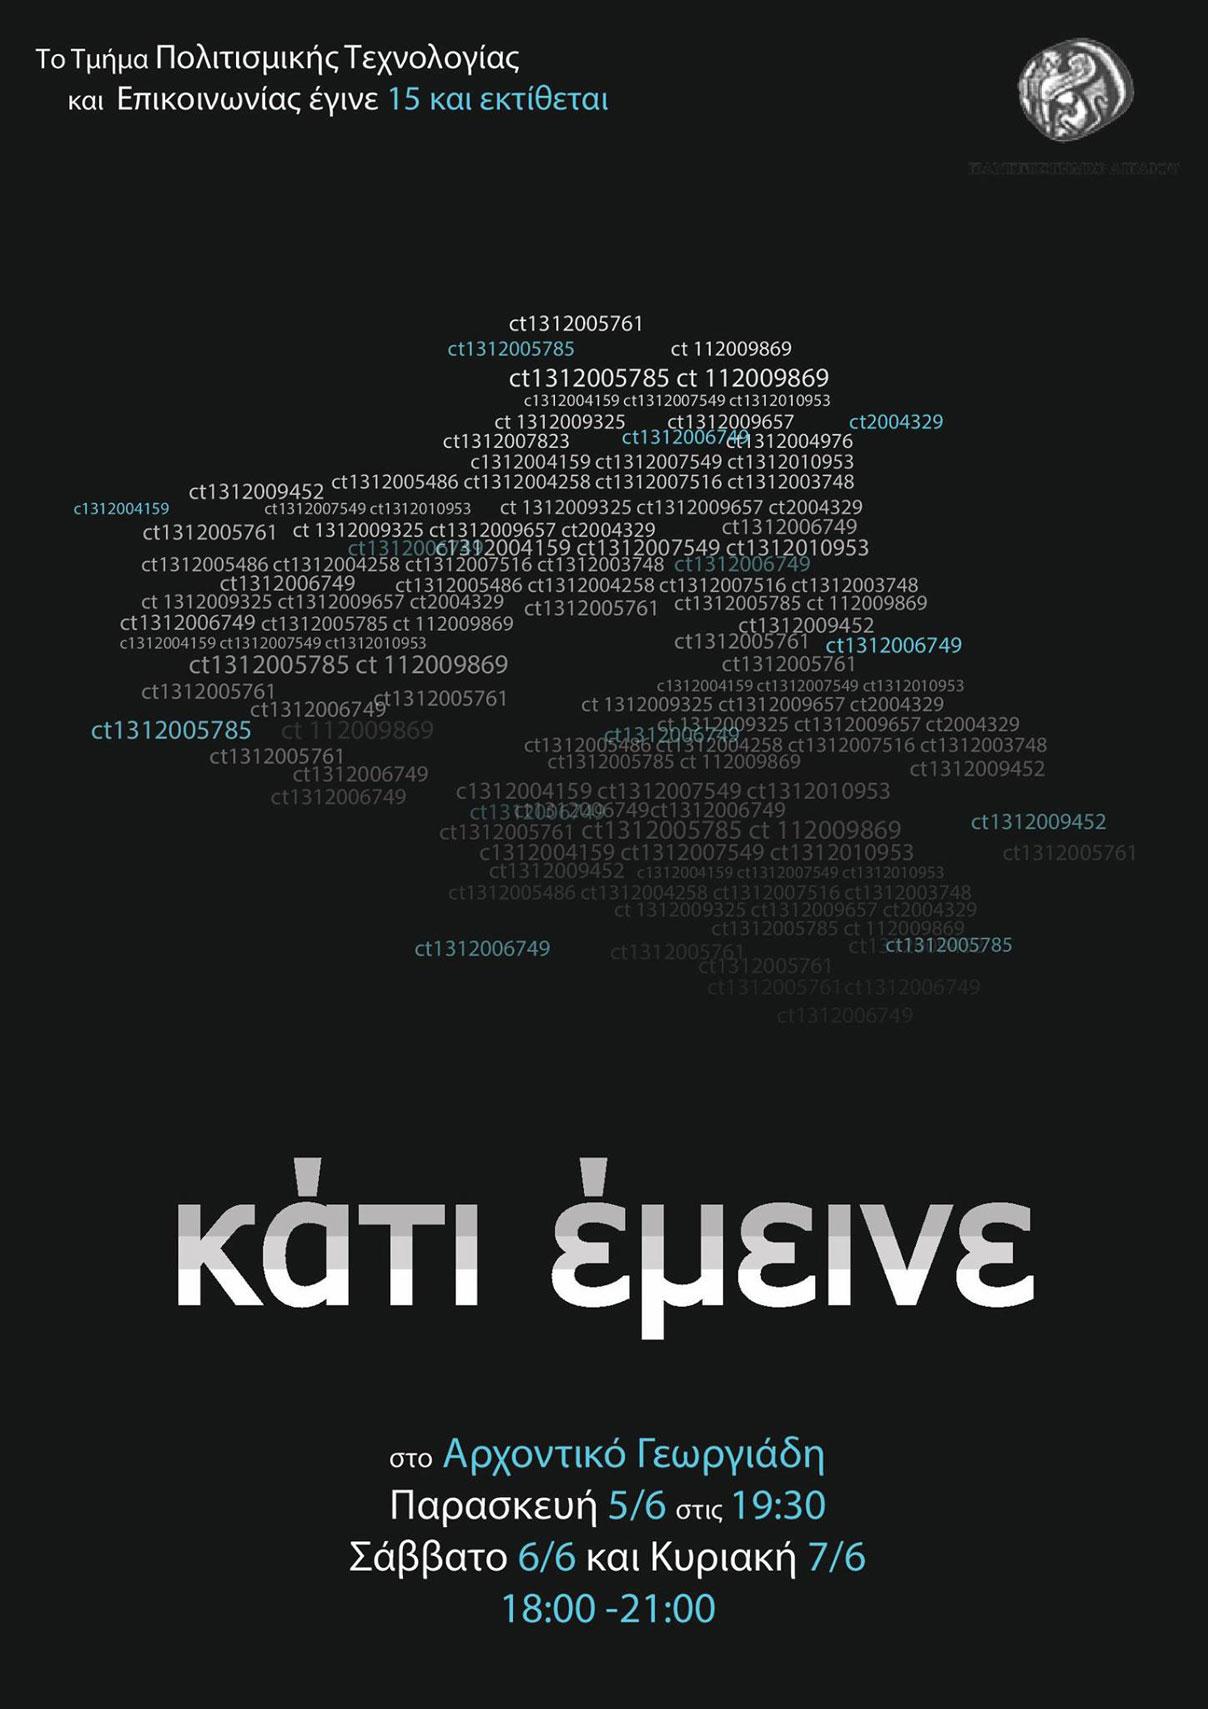 kati-emeine-2